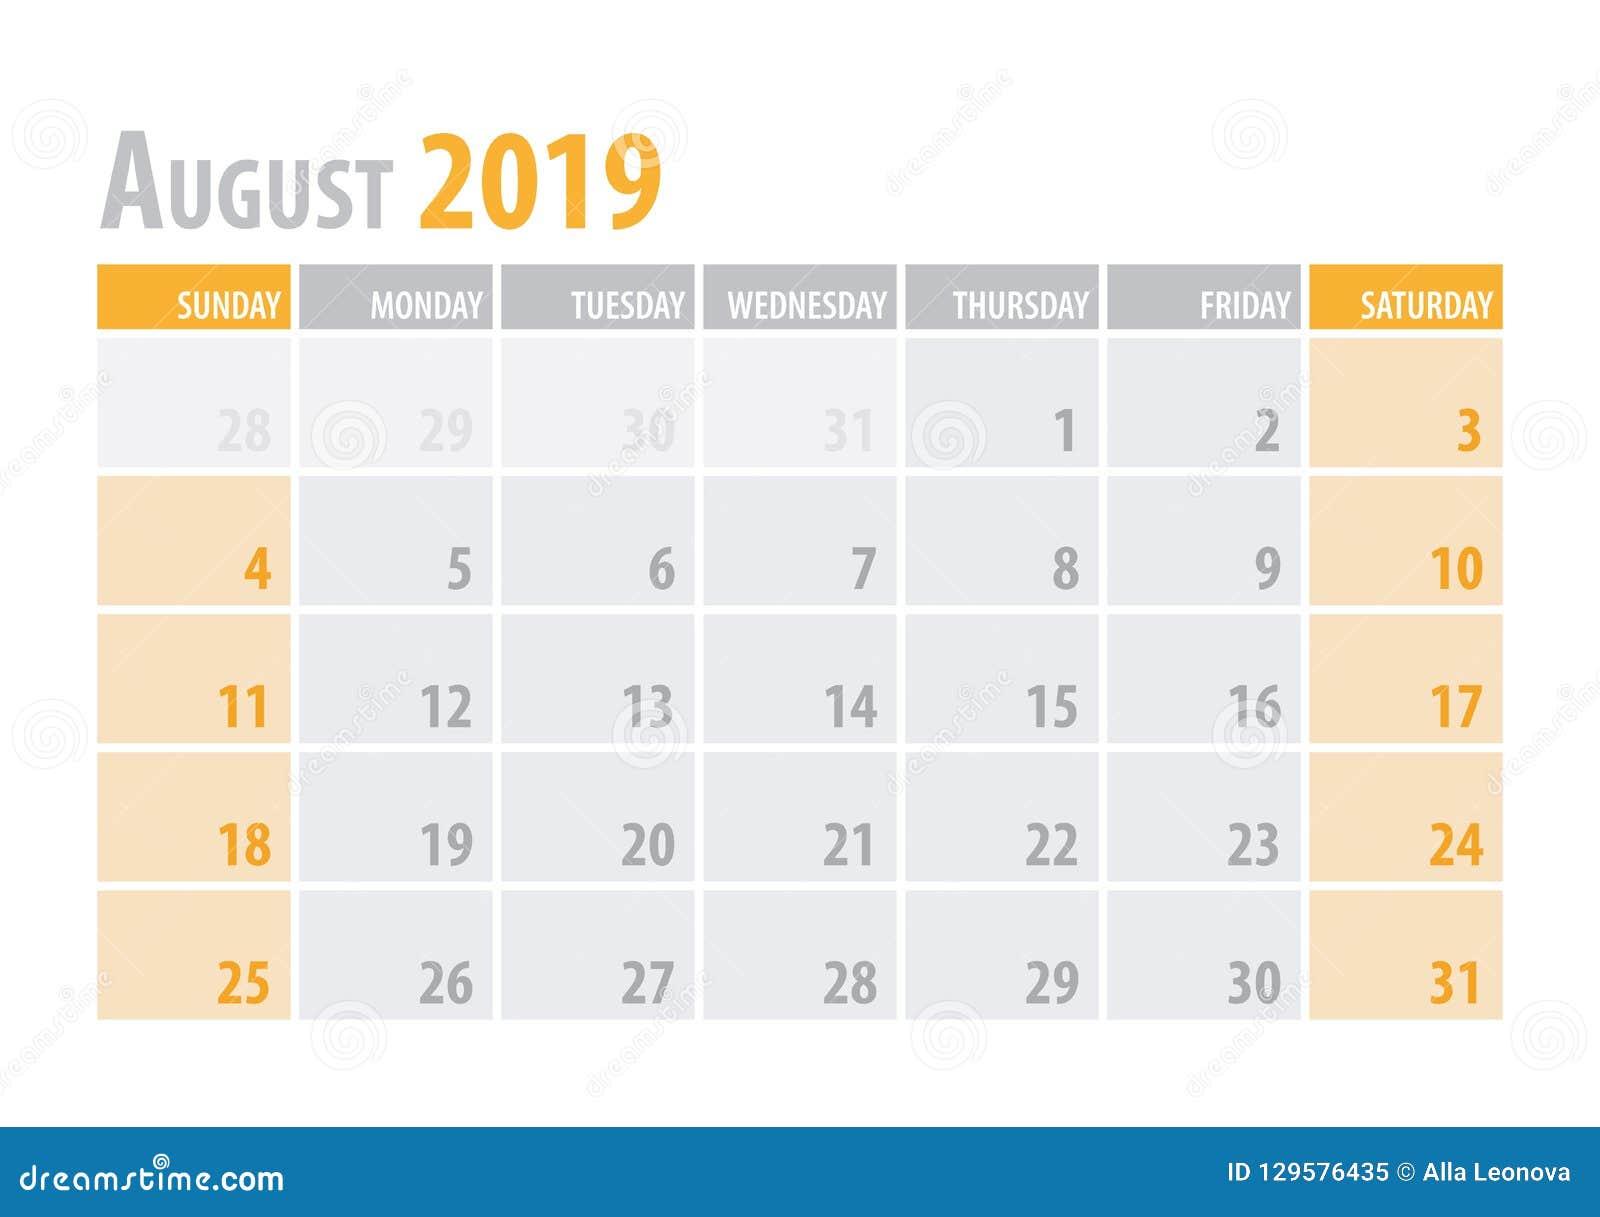 August Calendar Planner 2019 in schone minimale lijst eenvoudige stijl Vector illustratie